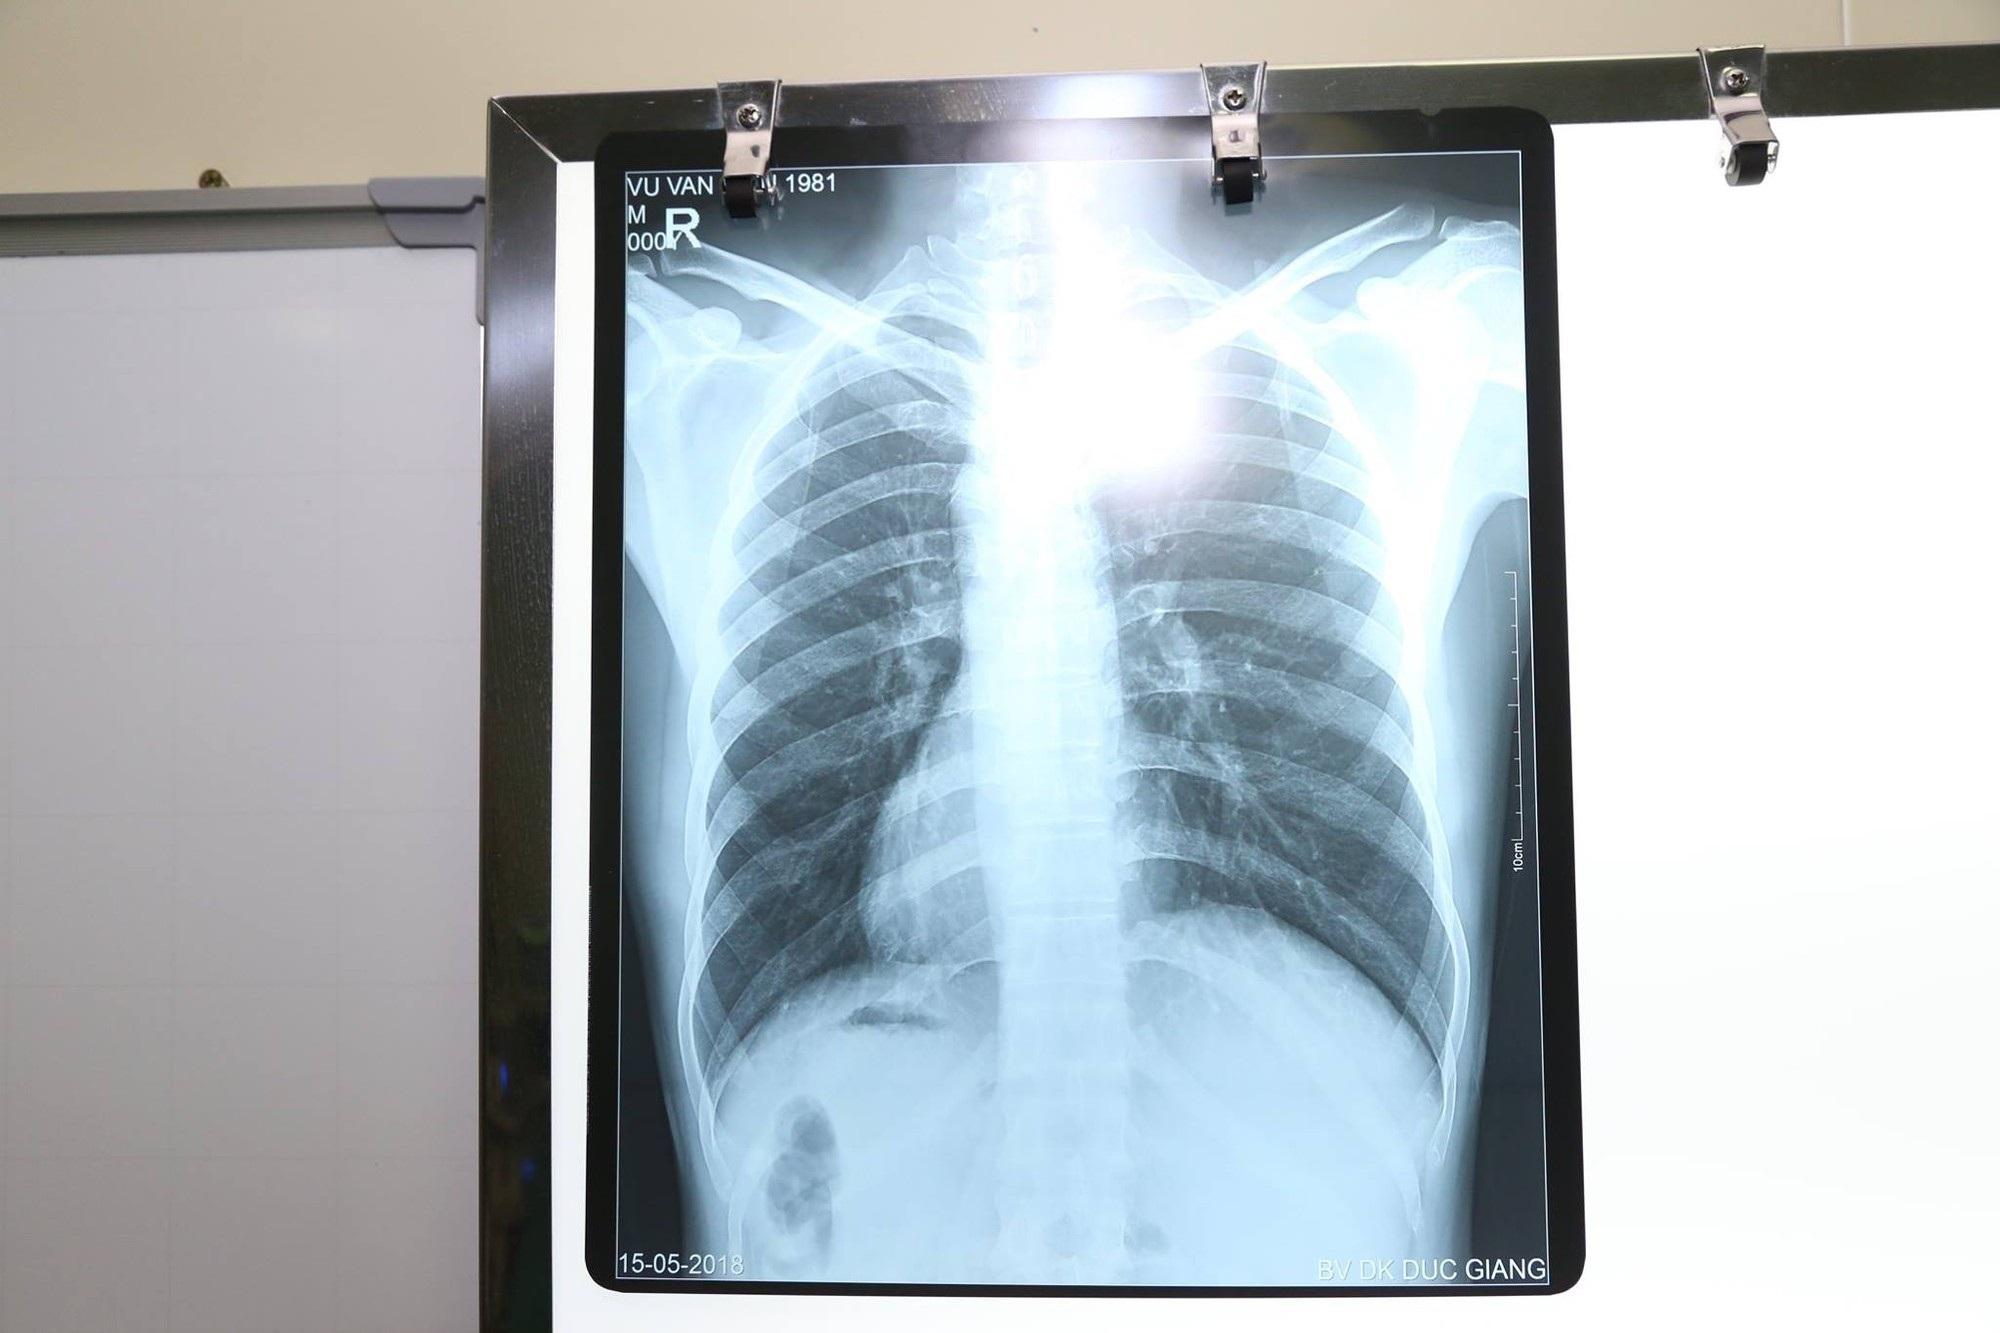 Kỳ lạ bệnh nhân có trái tim, nội tạng đảo ngược với người bình thường - Ảnh 1.